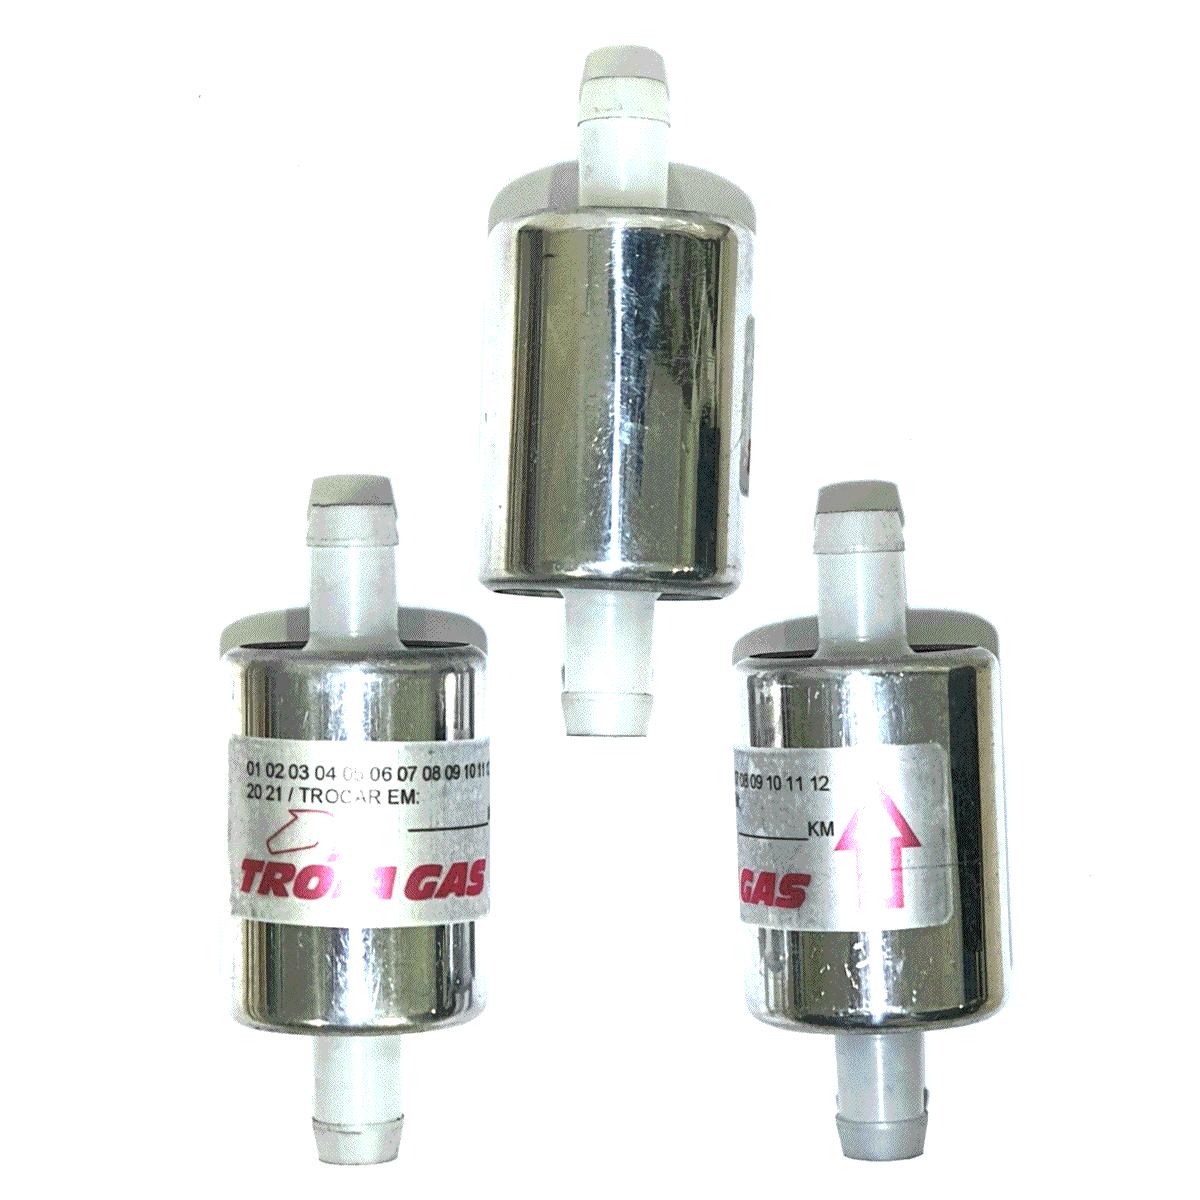 3 Filtros TROIAGAS 5ª e 6ª geração GNV protege bicos maioria dos kits